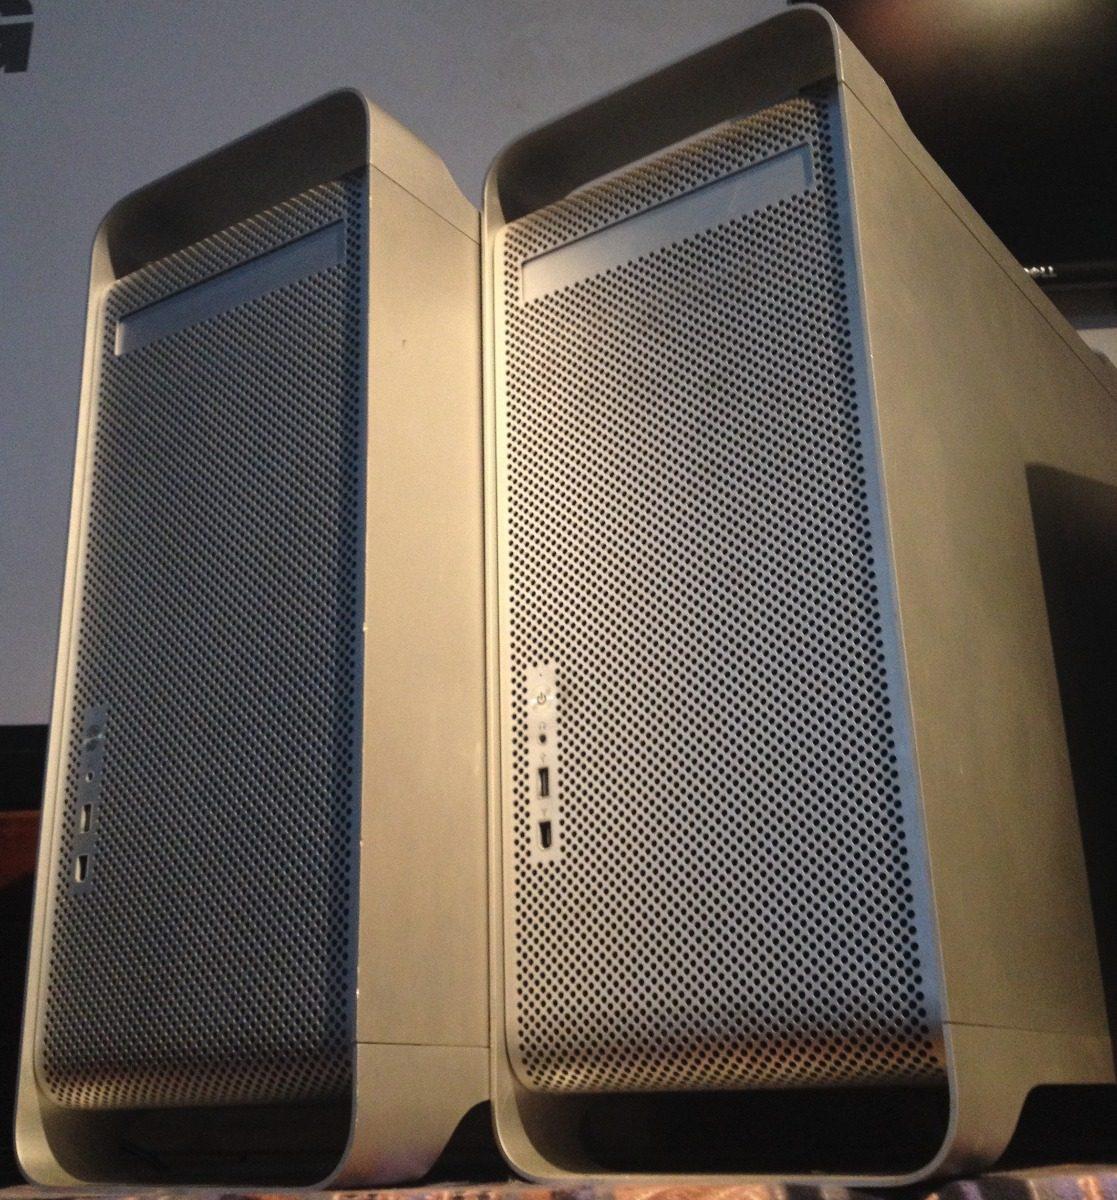 Intel Hackintosh I7 Ghz Mac Osx High Sierra Ssd 250gb 16gb